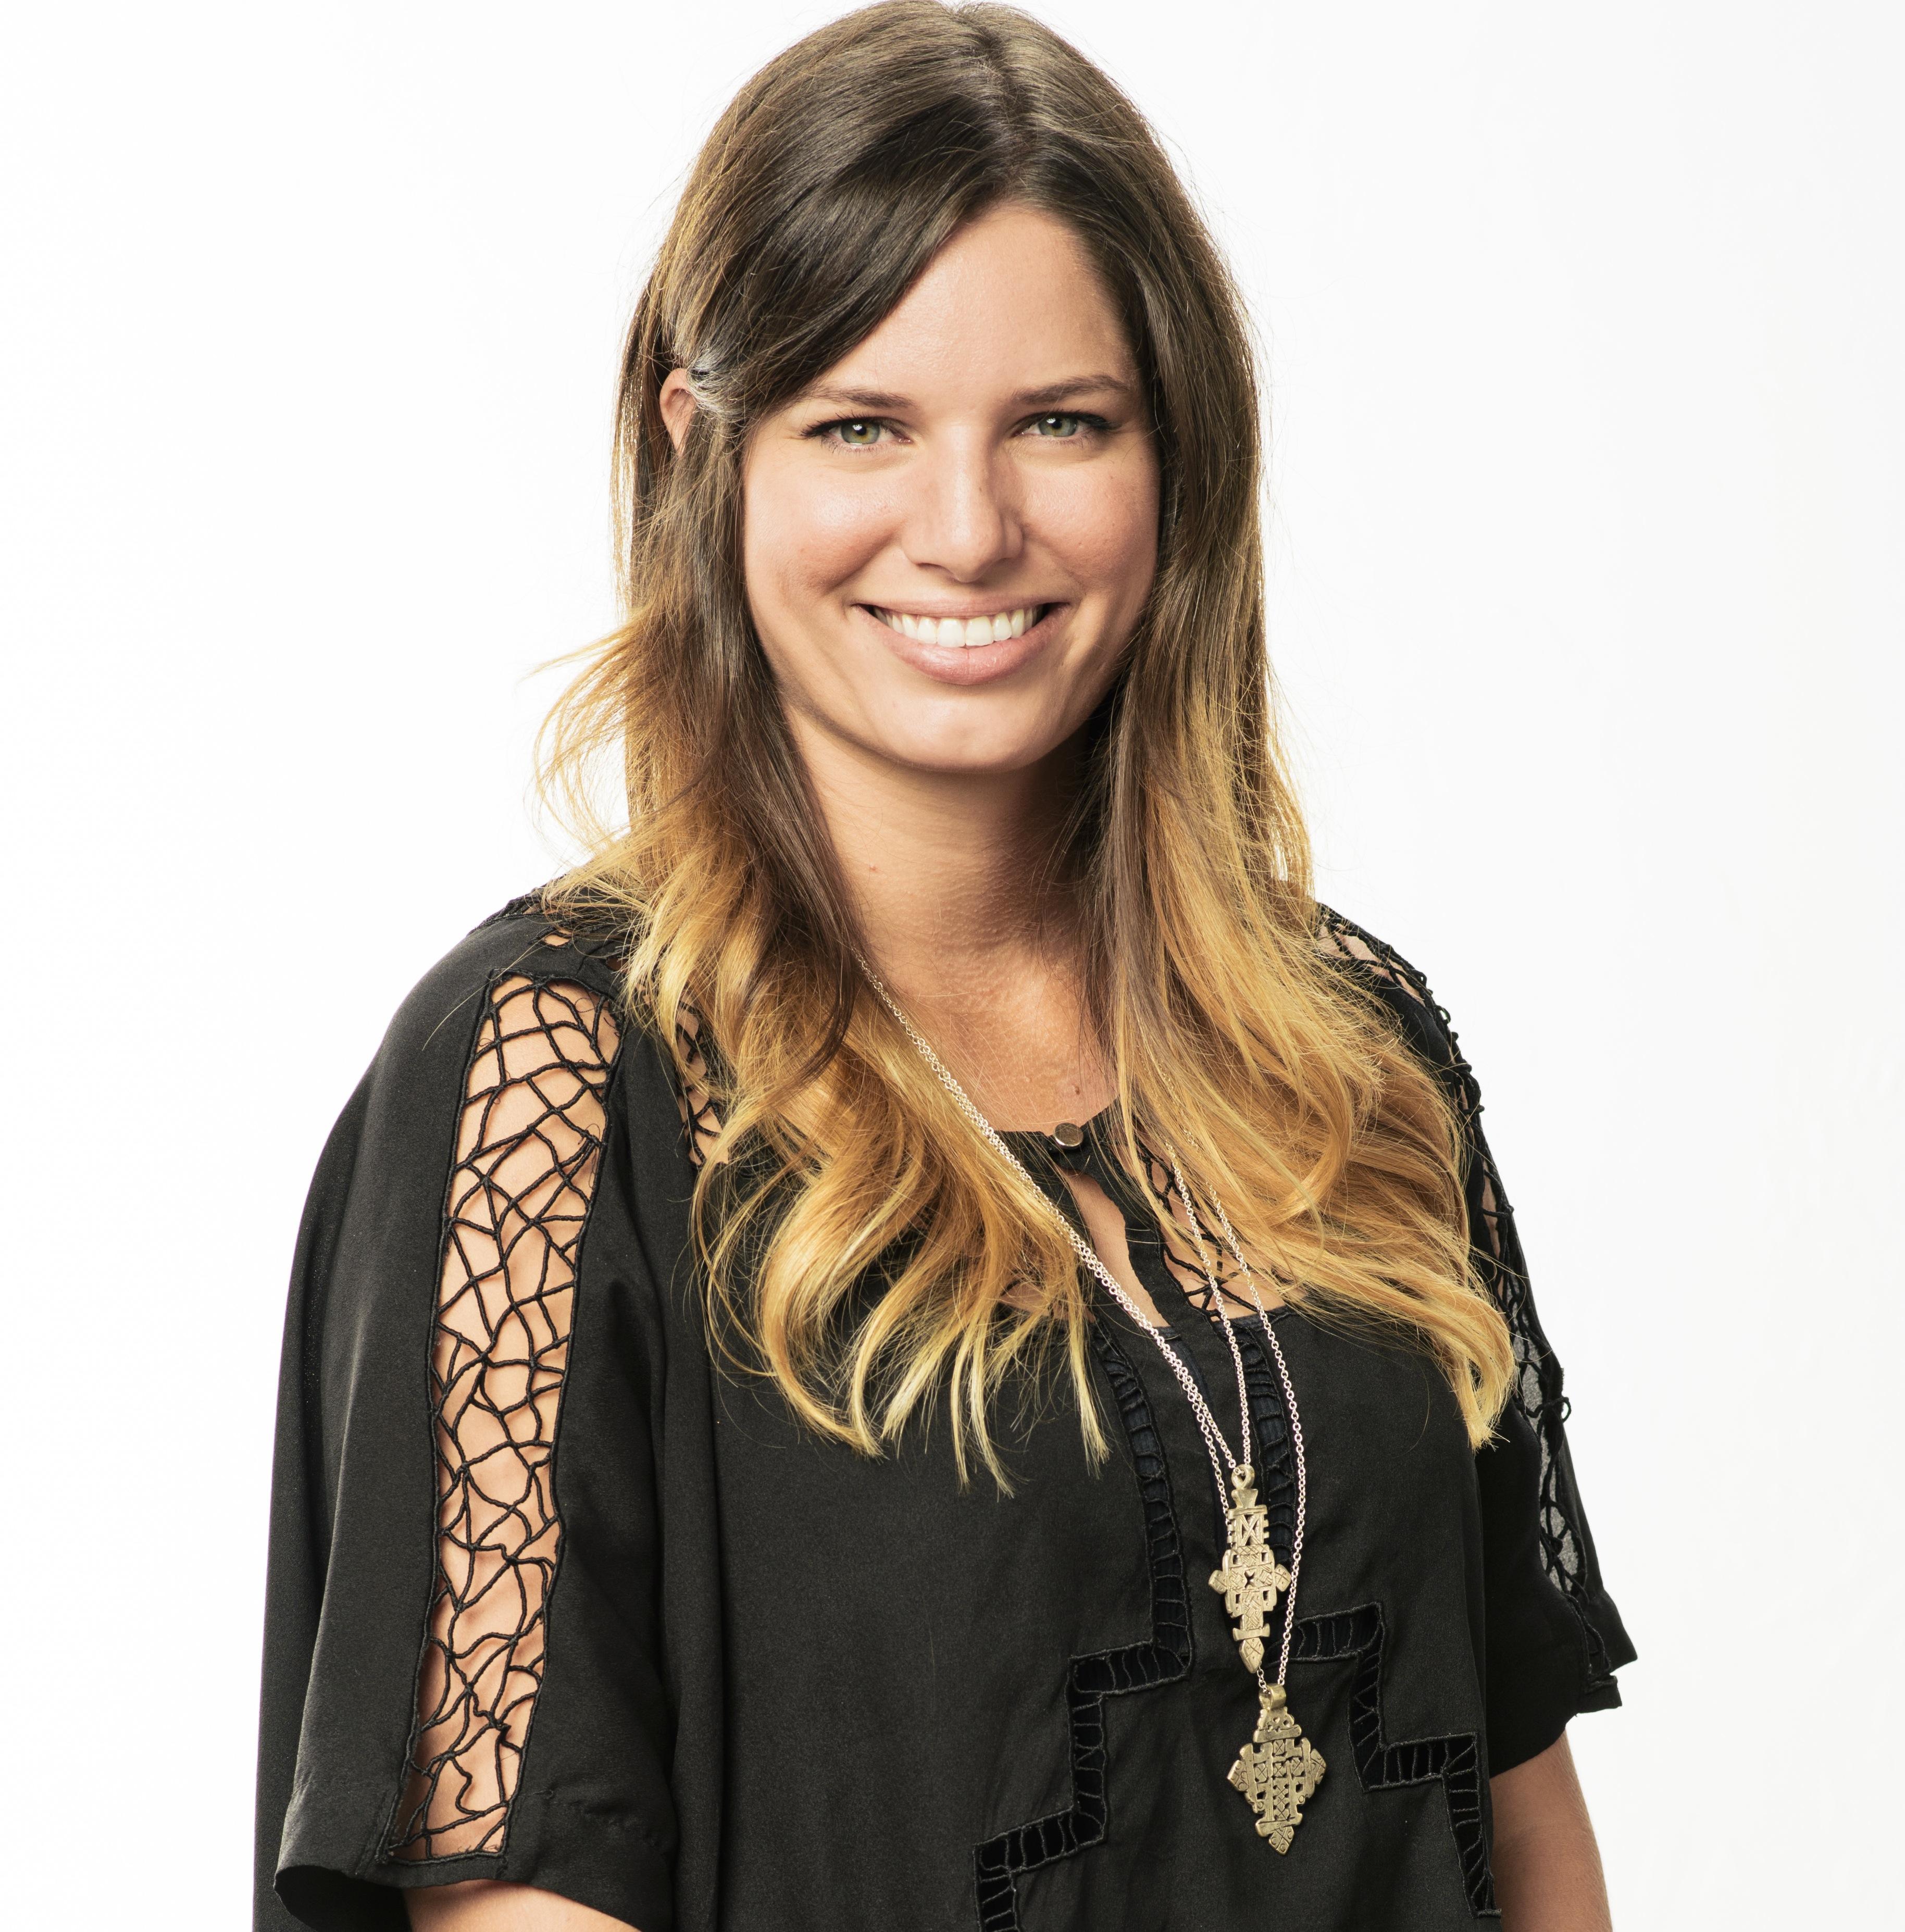 Emily Heger